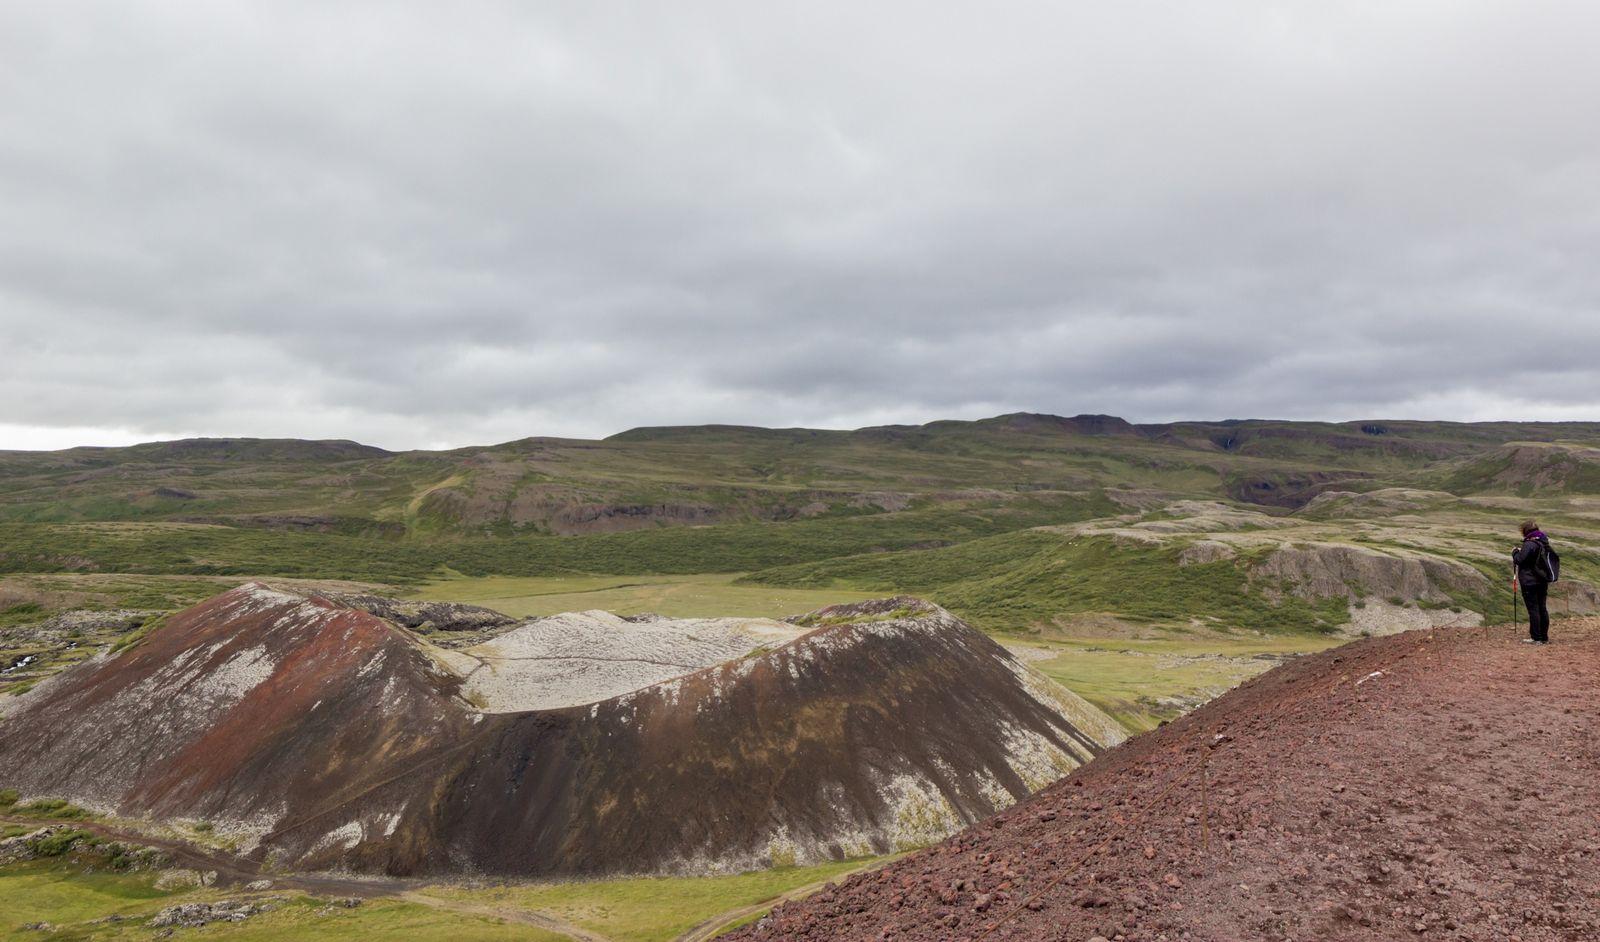 Y su cráter vecino desde la cresta